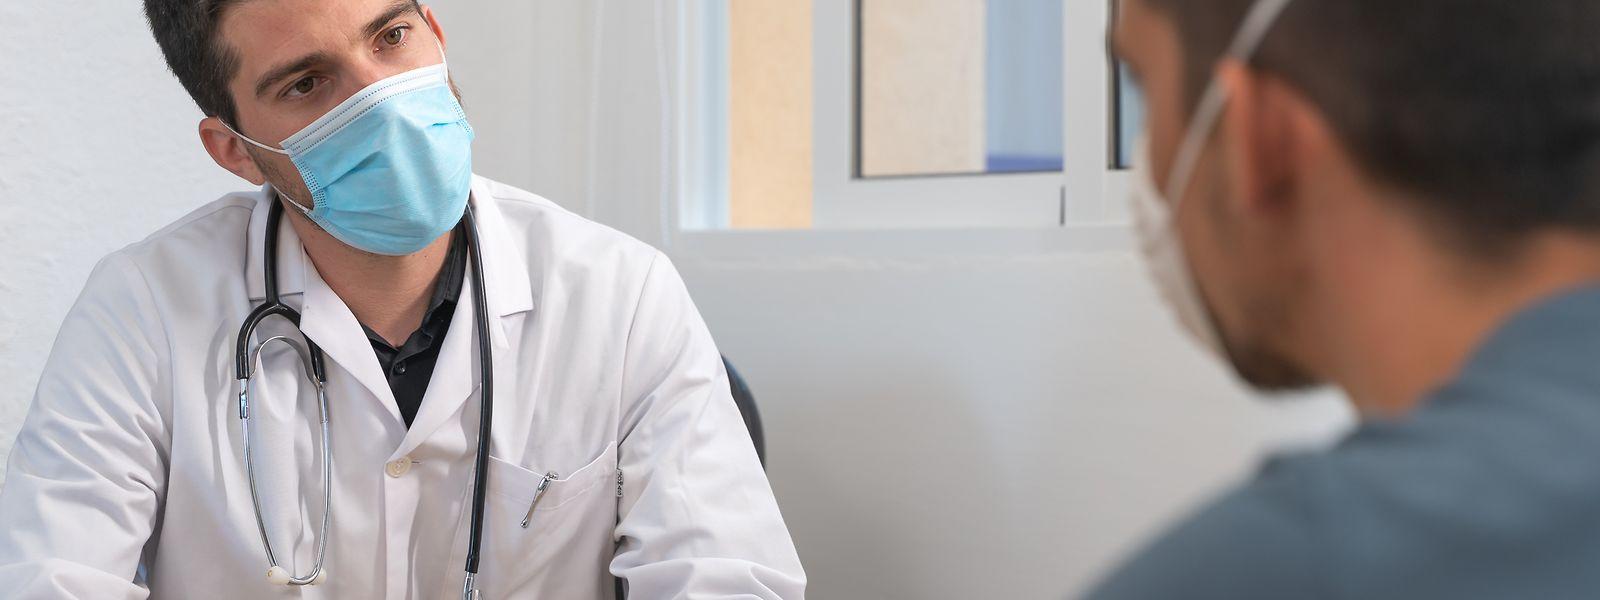 Falls ein Patient keine Grippesymptome aufweist, läuft ein Arztbesuch wie immer ab. Nur eben mit Maske. Ein Termin ist immer vorab anzufragen.